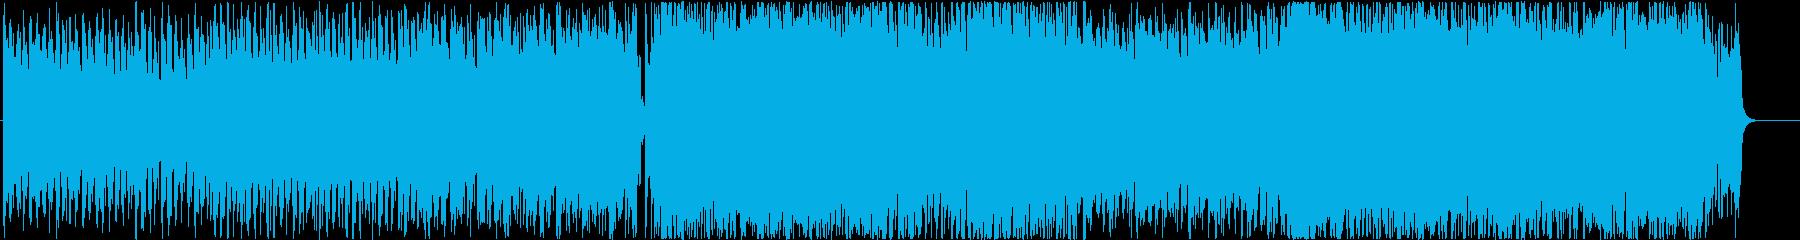 事件や緊急事態発生の雰囲気のあるBGMの再生済みの波形